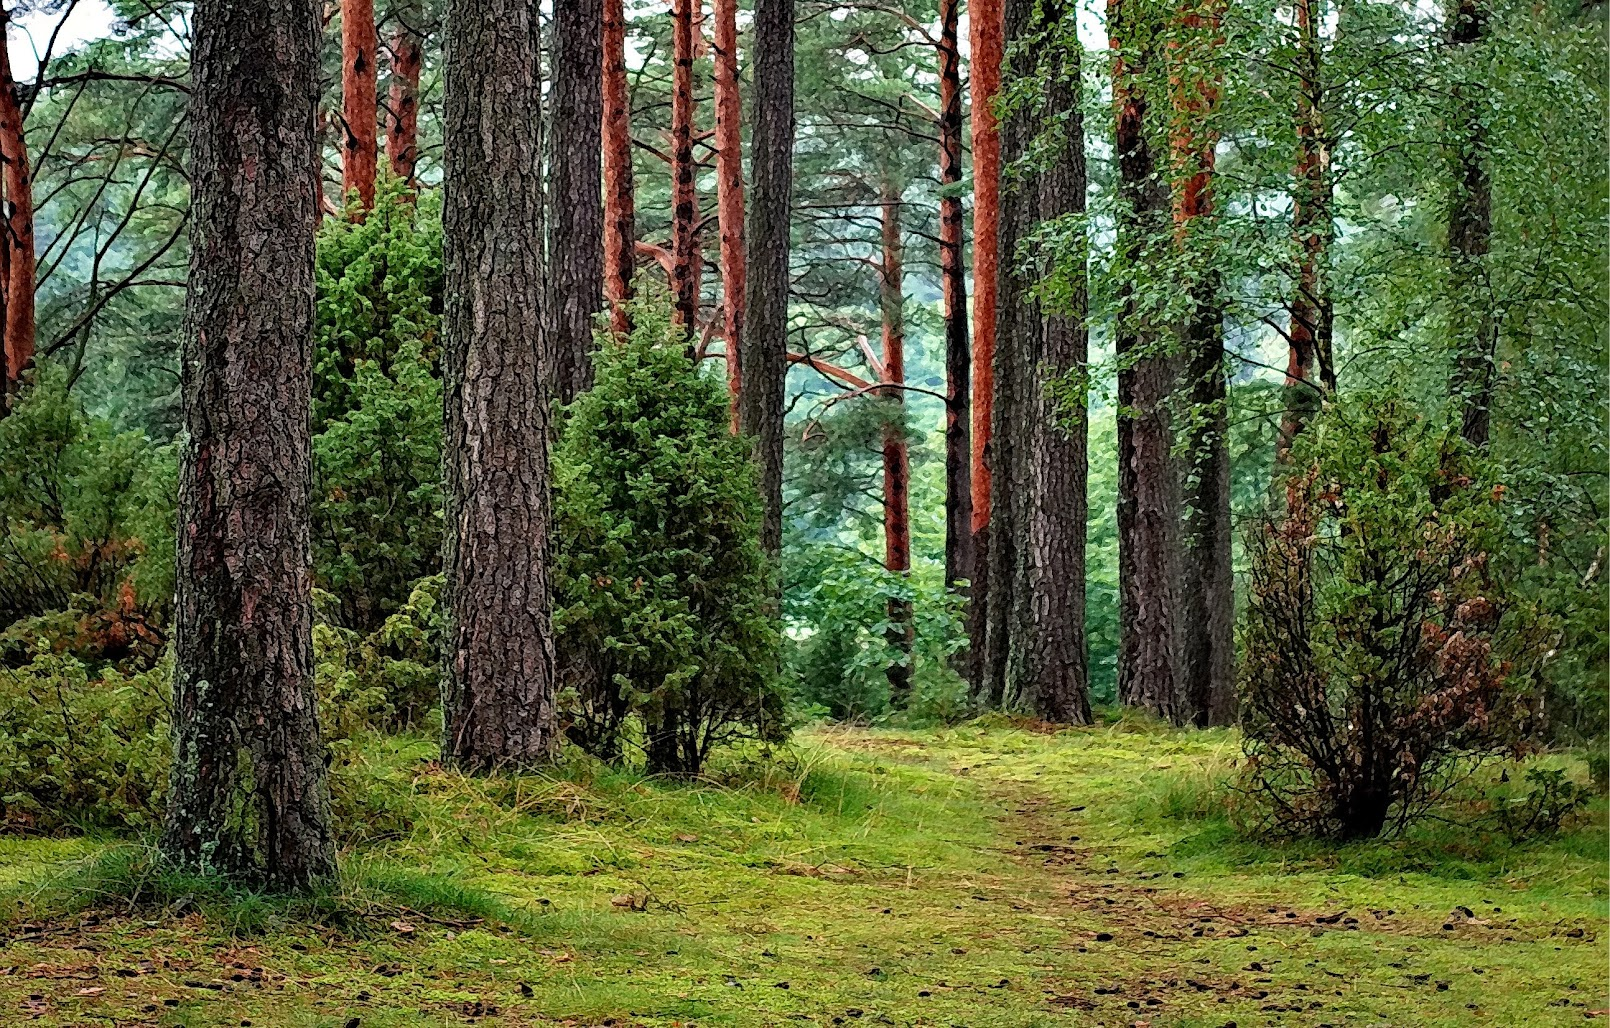 hình nền thiên nhiên đẹp 05